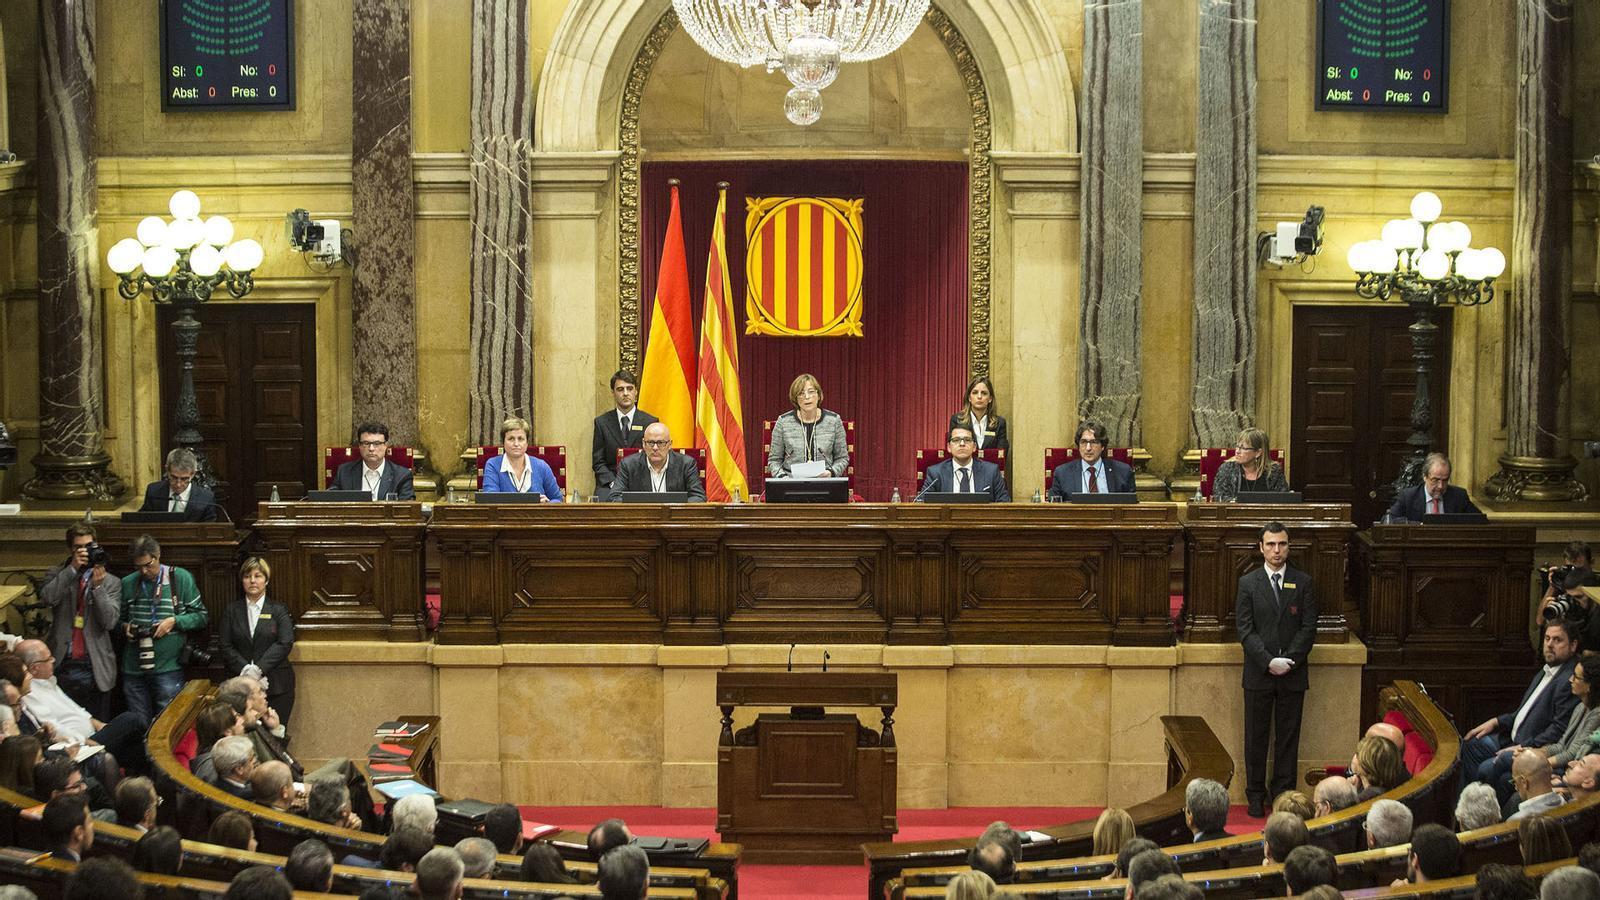 La justícia castiga la mesa del Parlament de l'1-O per desobediència; tancades les botigues a la nit i els centres cívics; a les 21 h, Barça-Ferencváros a la Champions: les claus del dia, amb Antoni Bassas (20/10/2020)